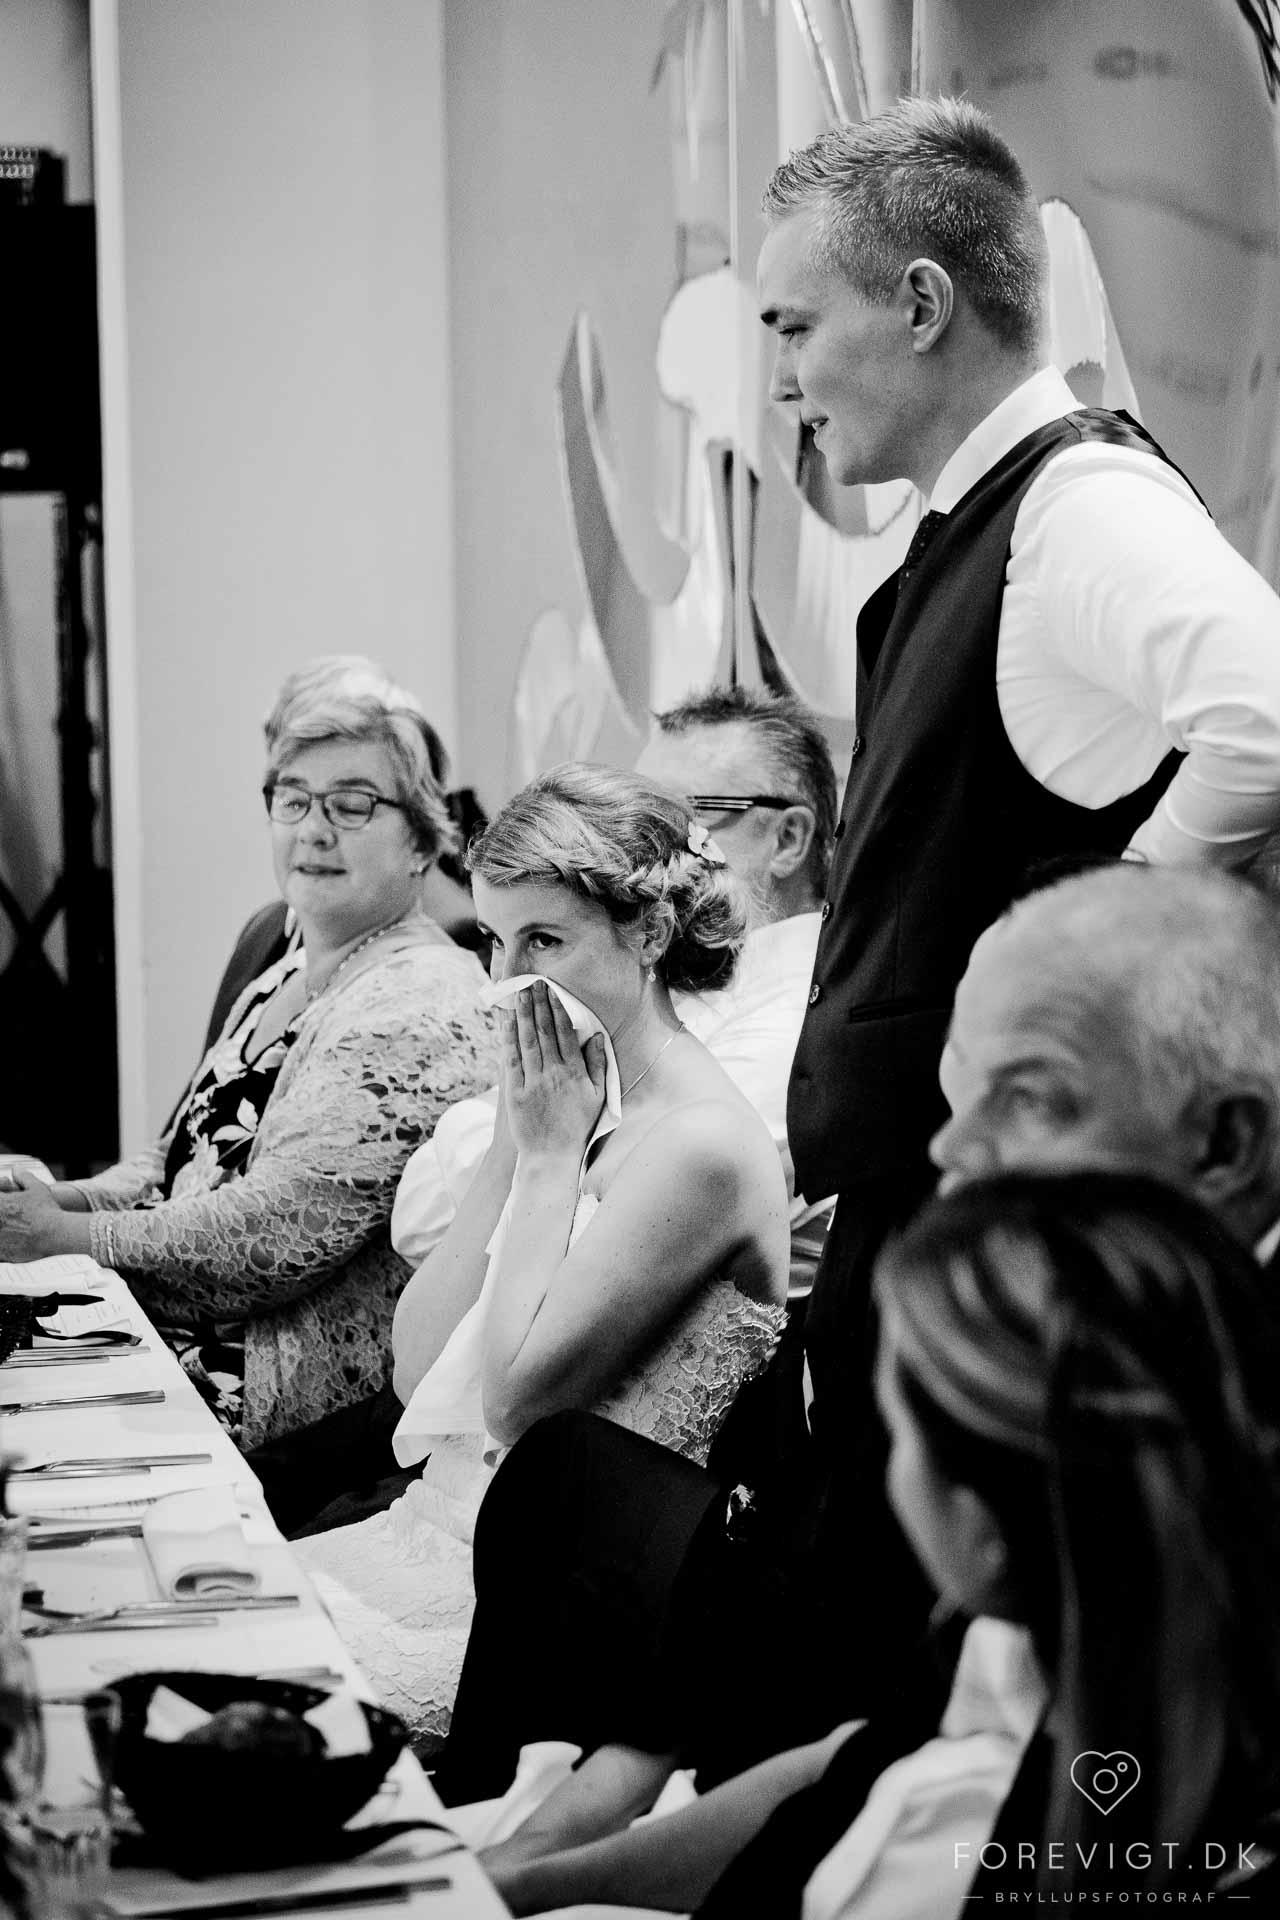 Bryllupsfotograf – Professionel Fotograf til dit Bryllup fra København til Århus